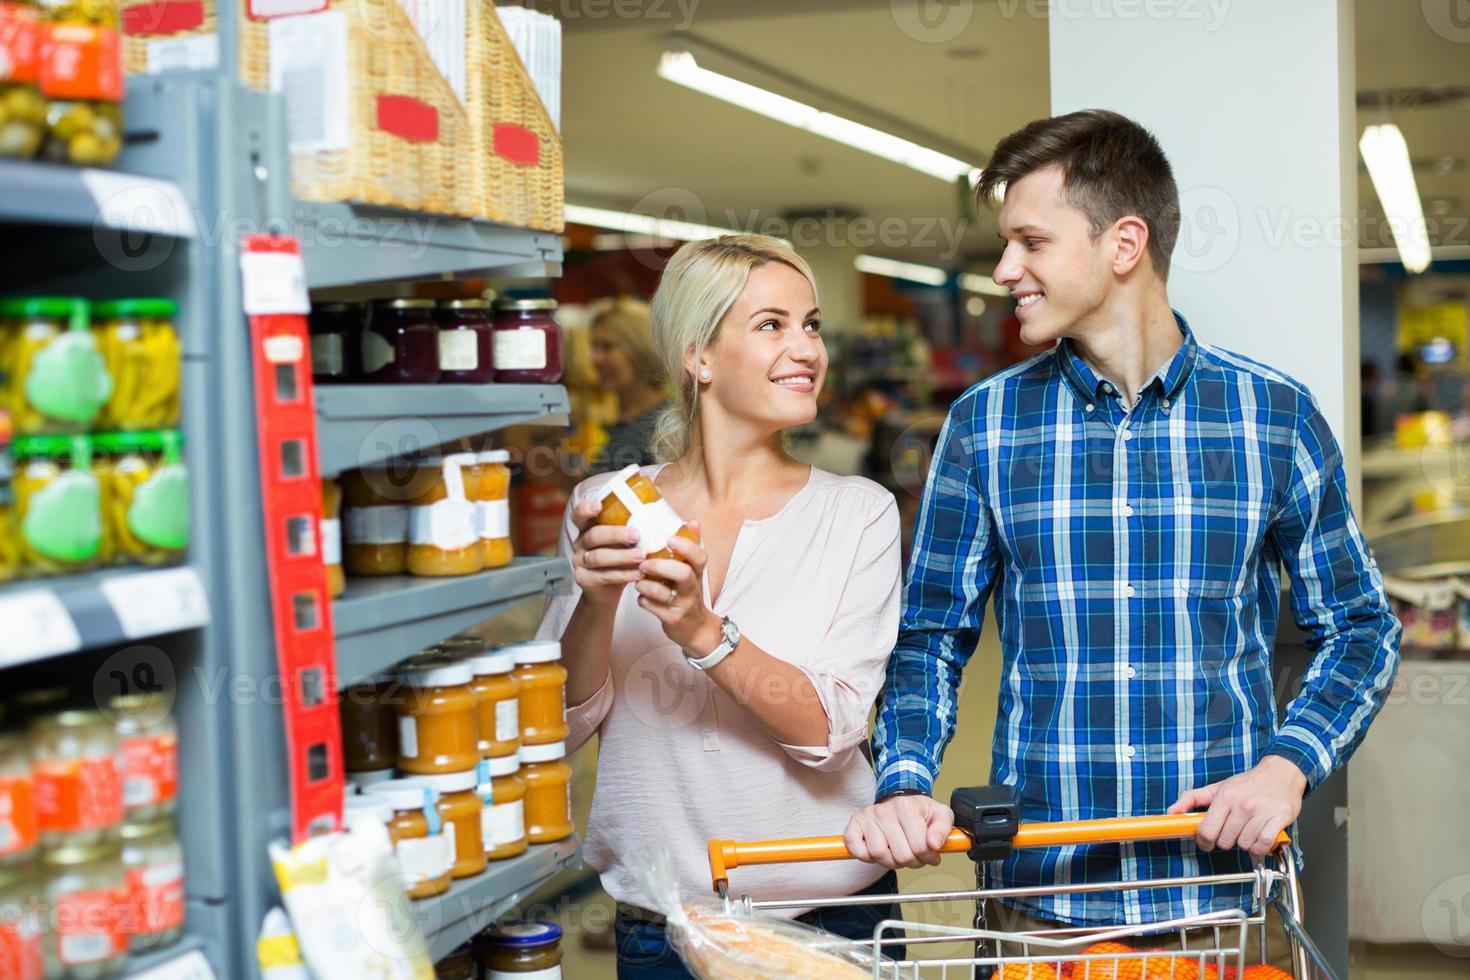 famille ordinaire achetant des aliments en conserve pour la semaine photo